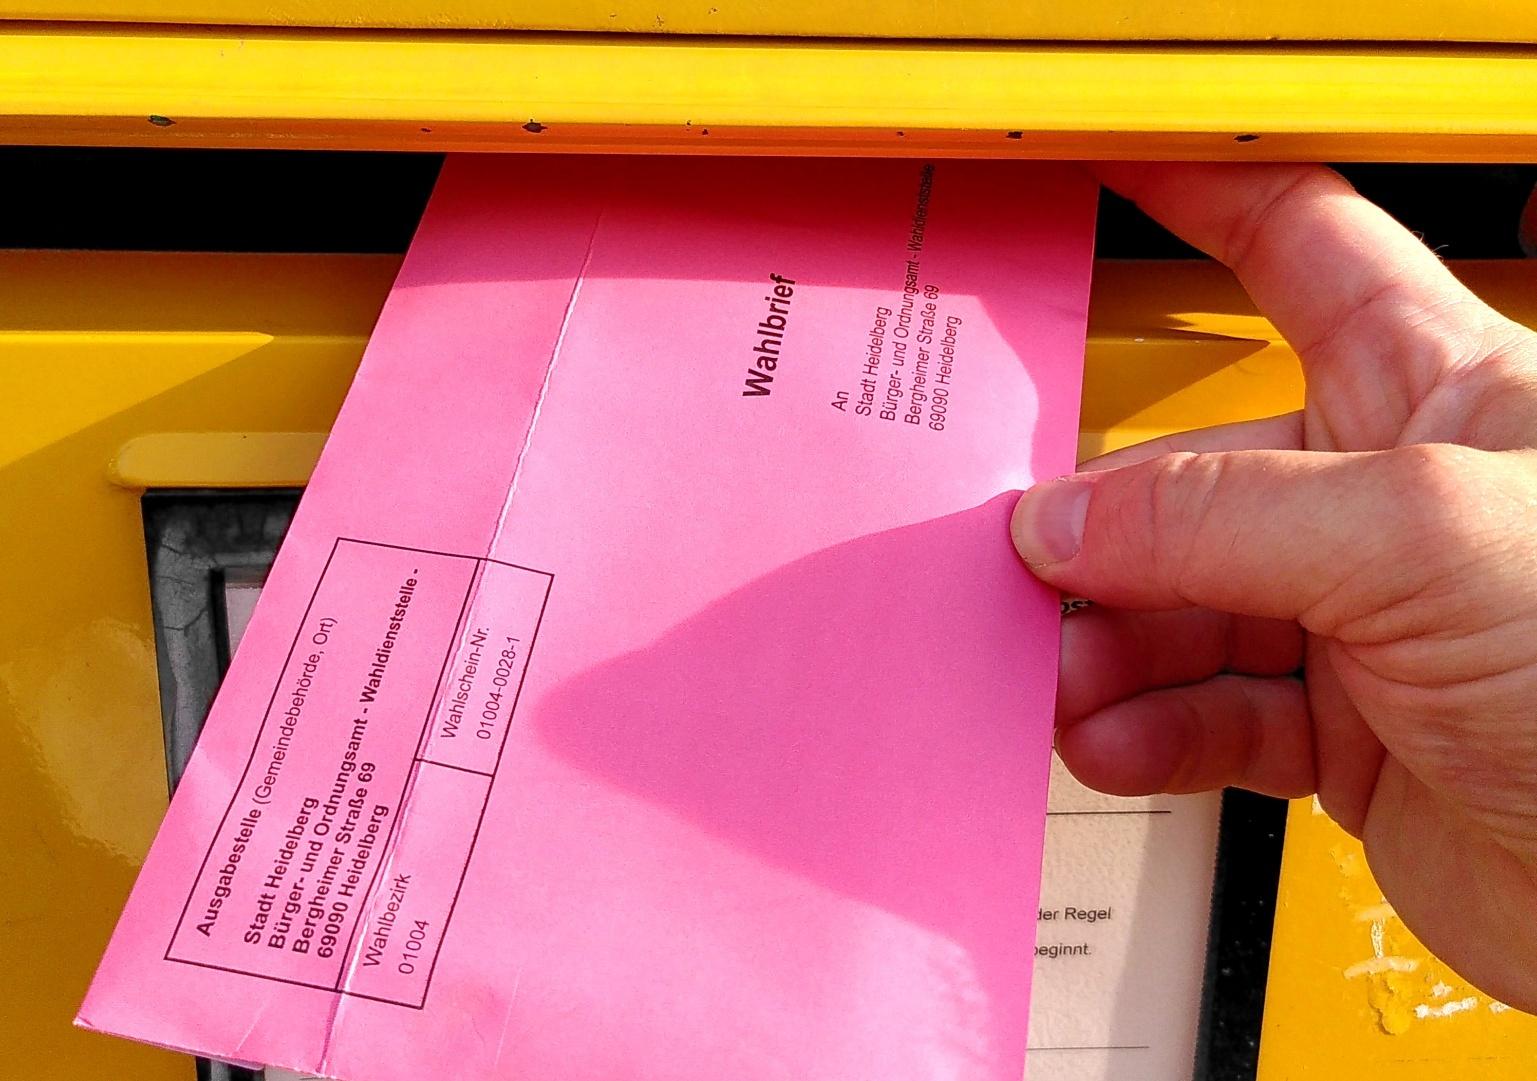 Wahlbrief, der in einen Briefkasten eingeworfen wird